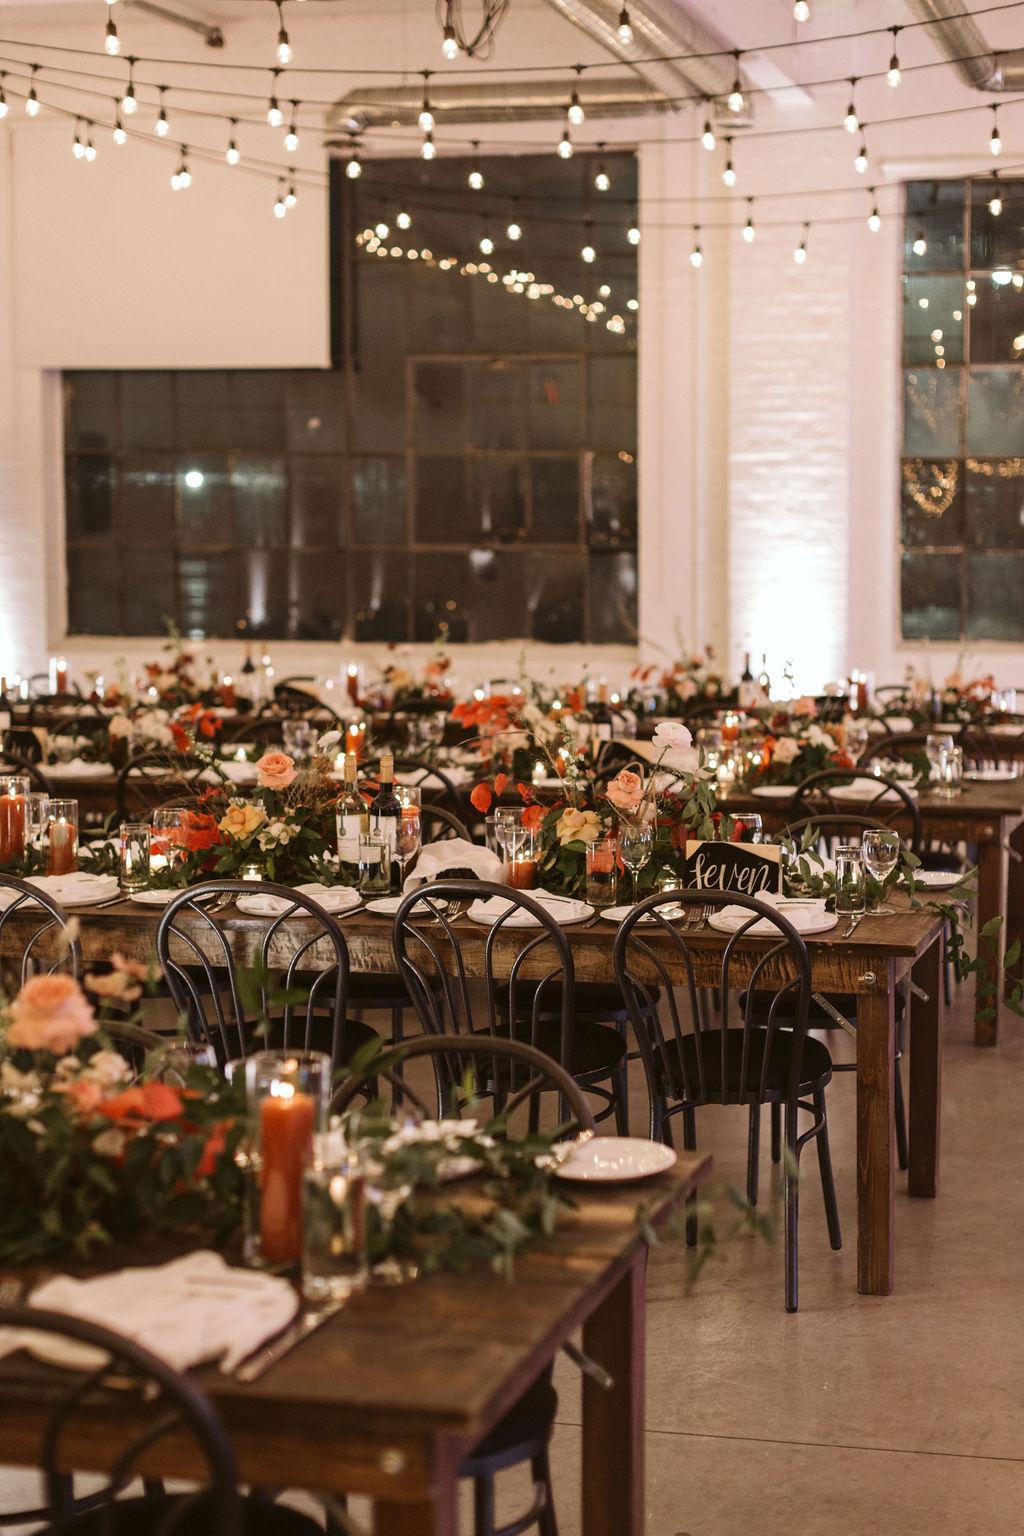 kristina+ryan_toronto+winter+wedding-664.jpg